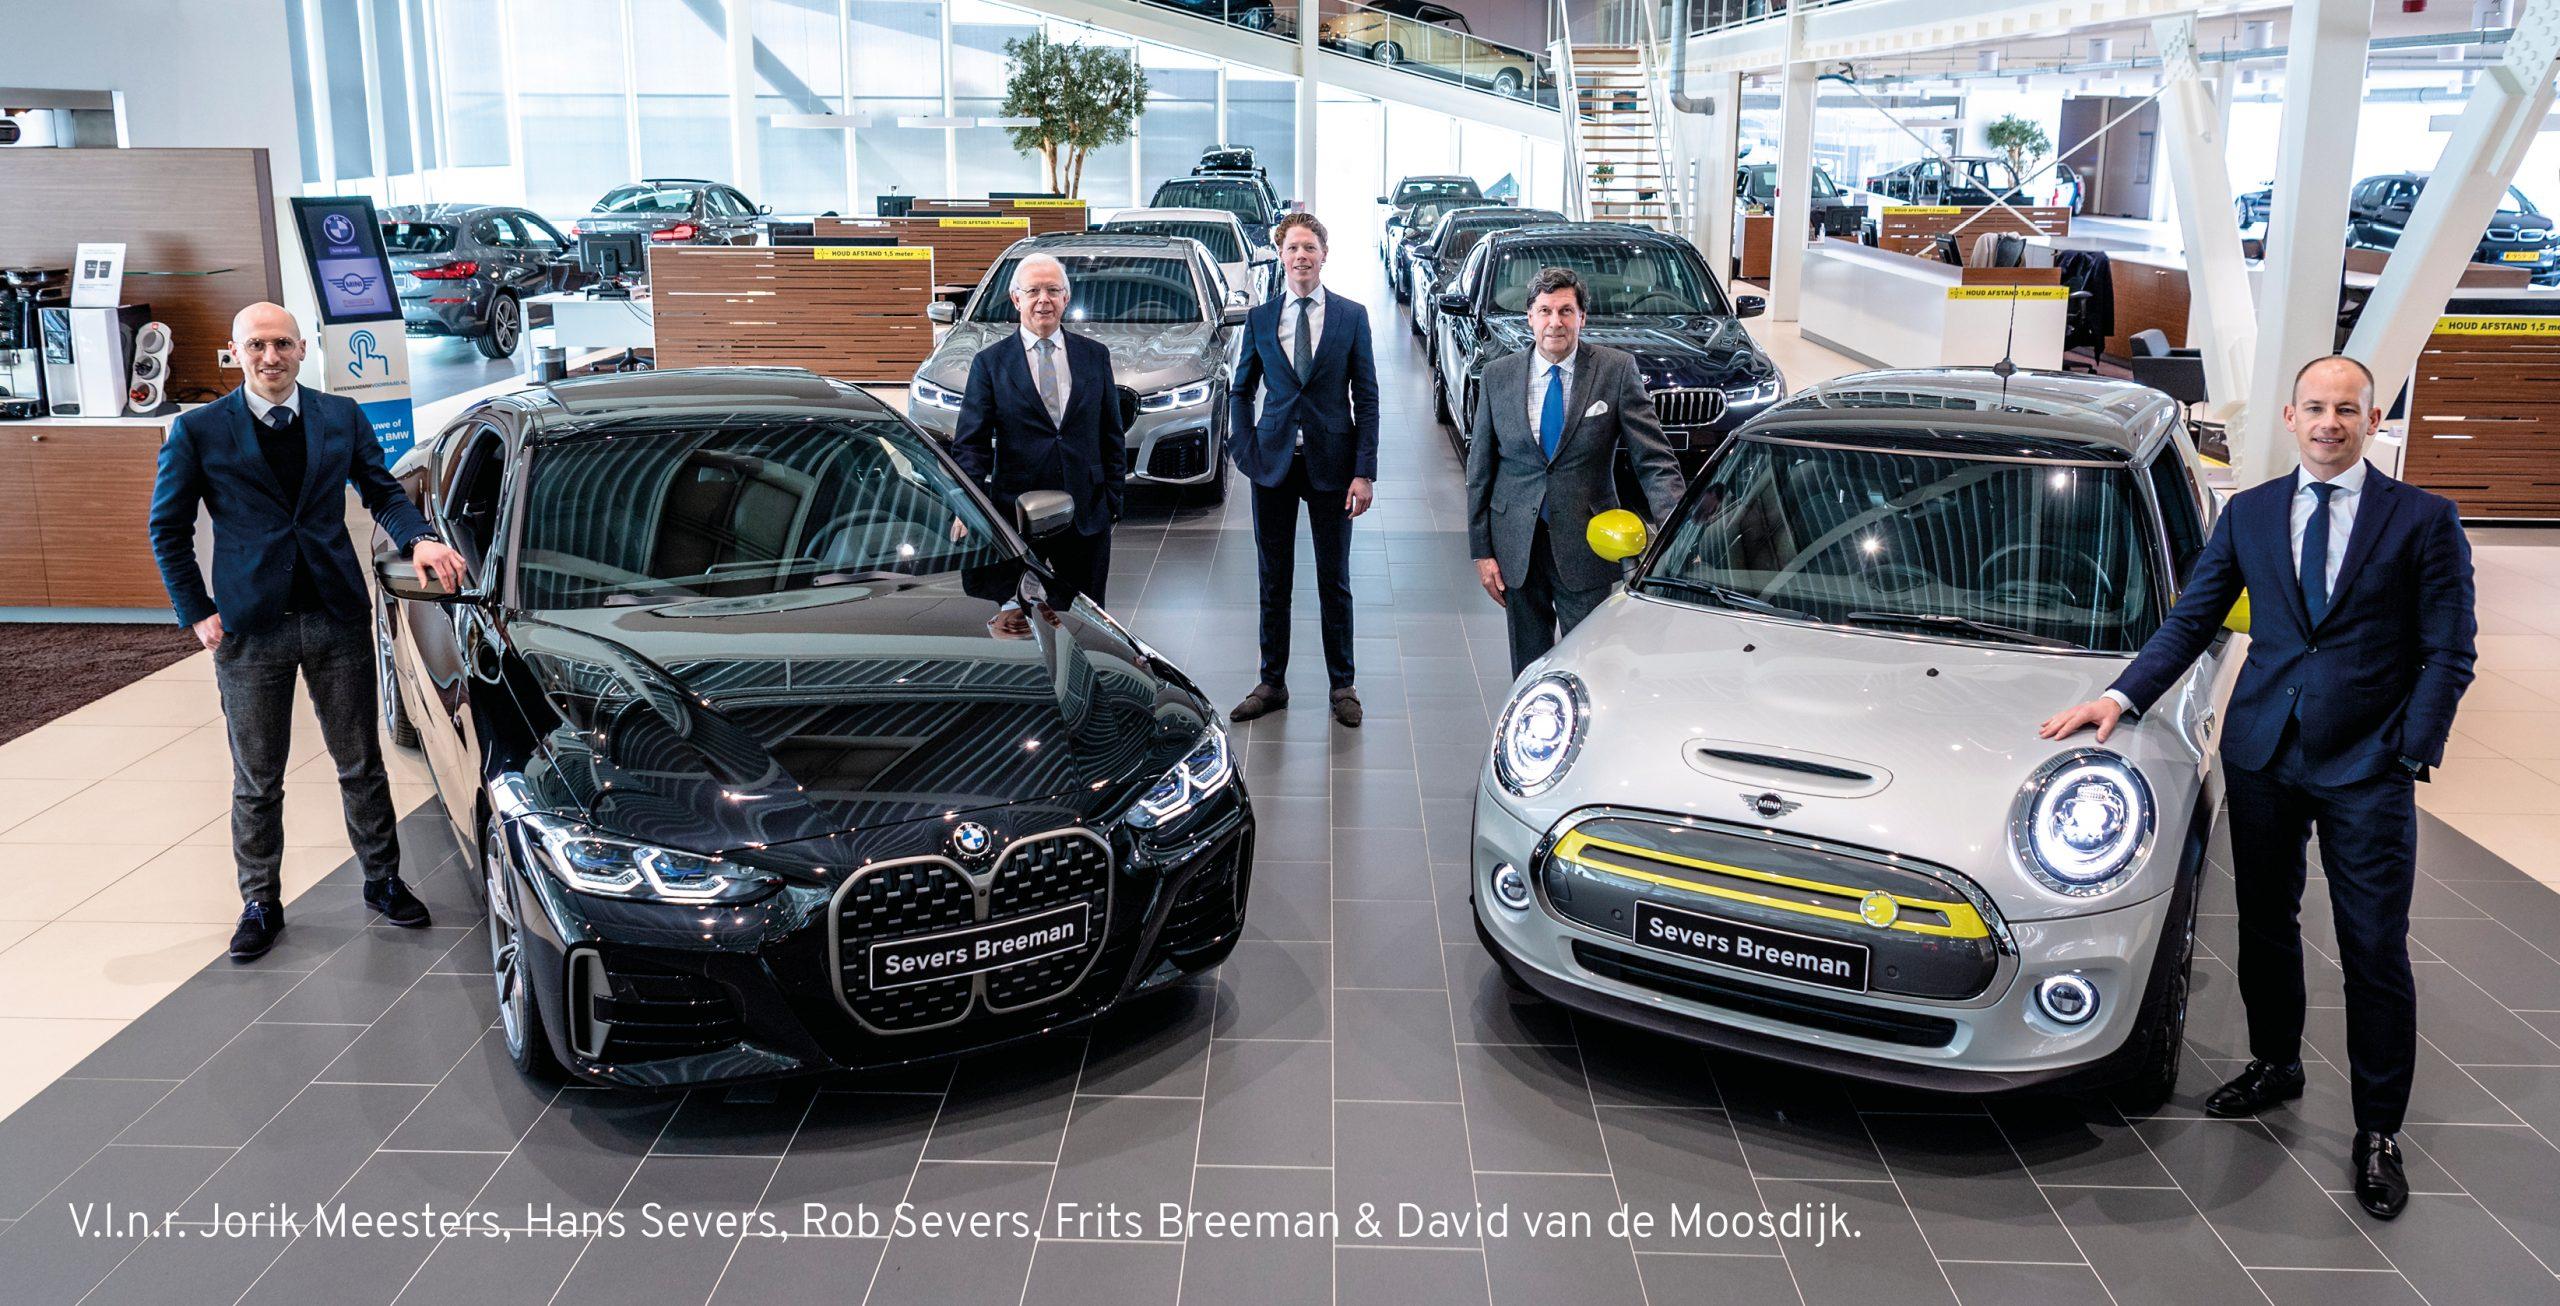 BMW en MINI dealerbedrijven Hans Severs en Breeman bundelen hun krachten. Samen sterker!